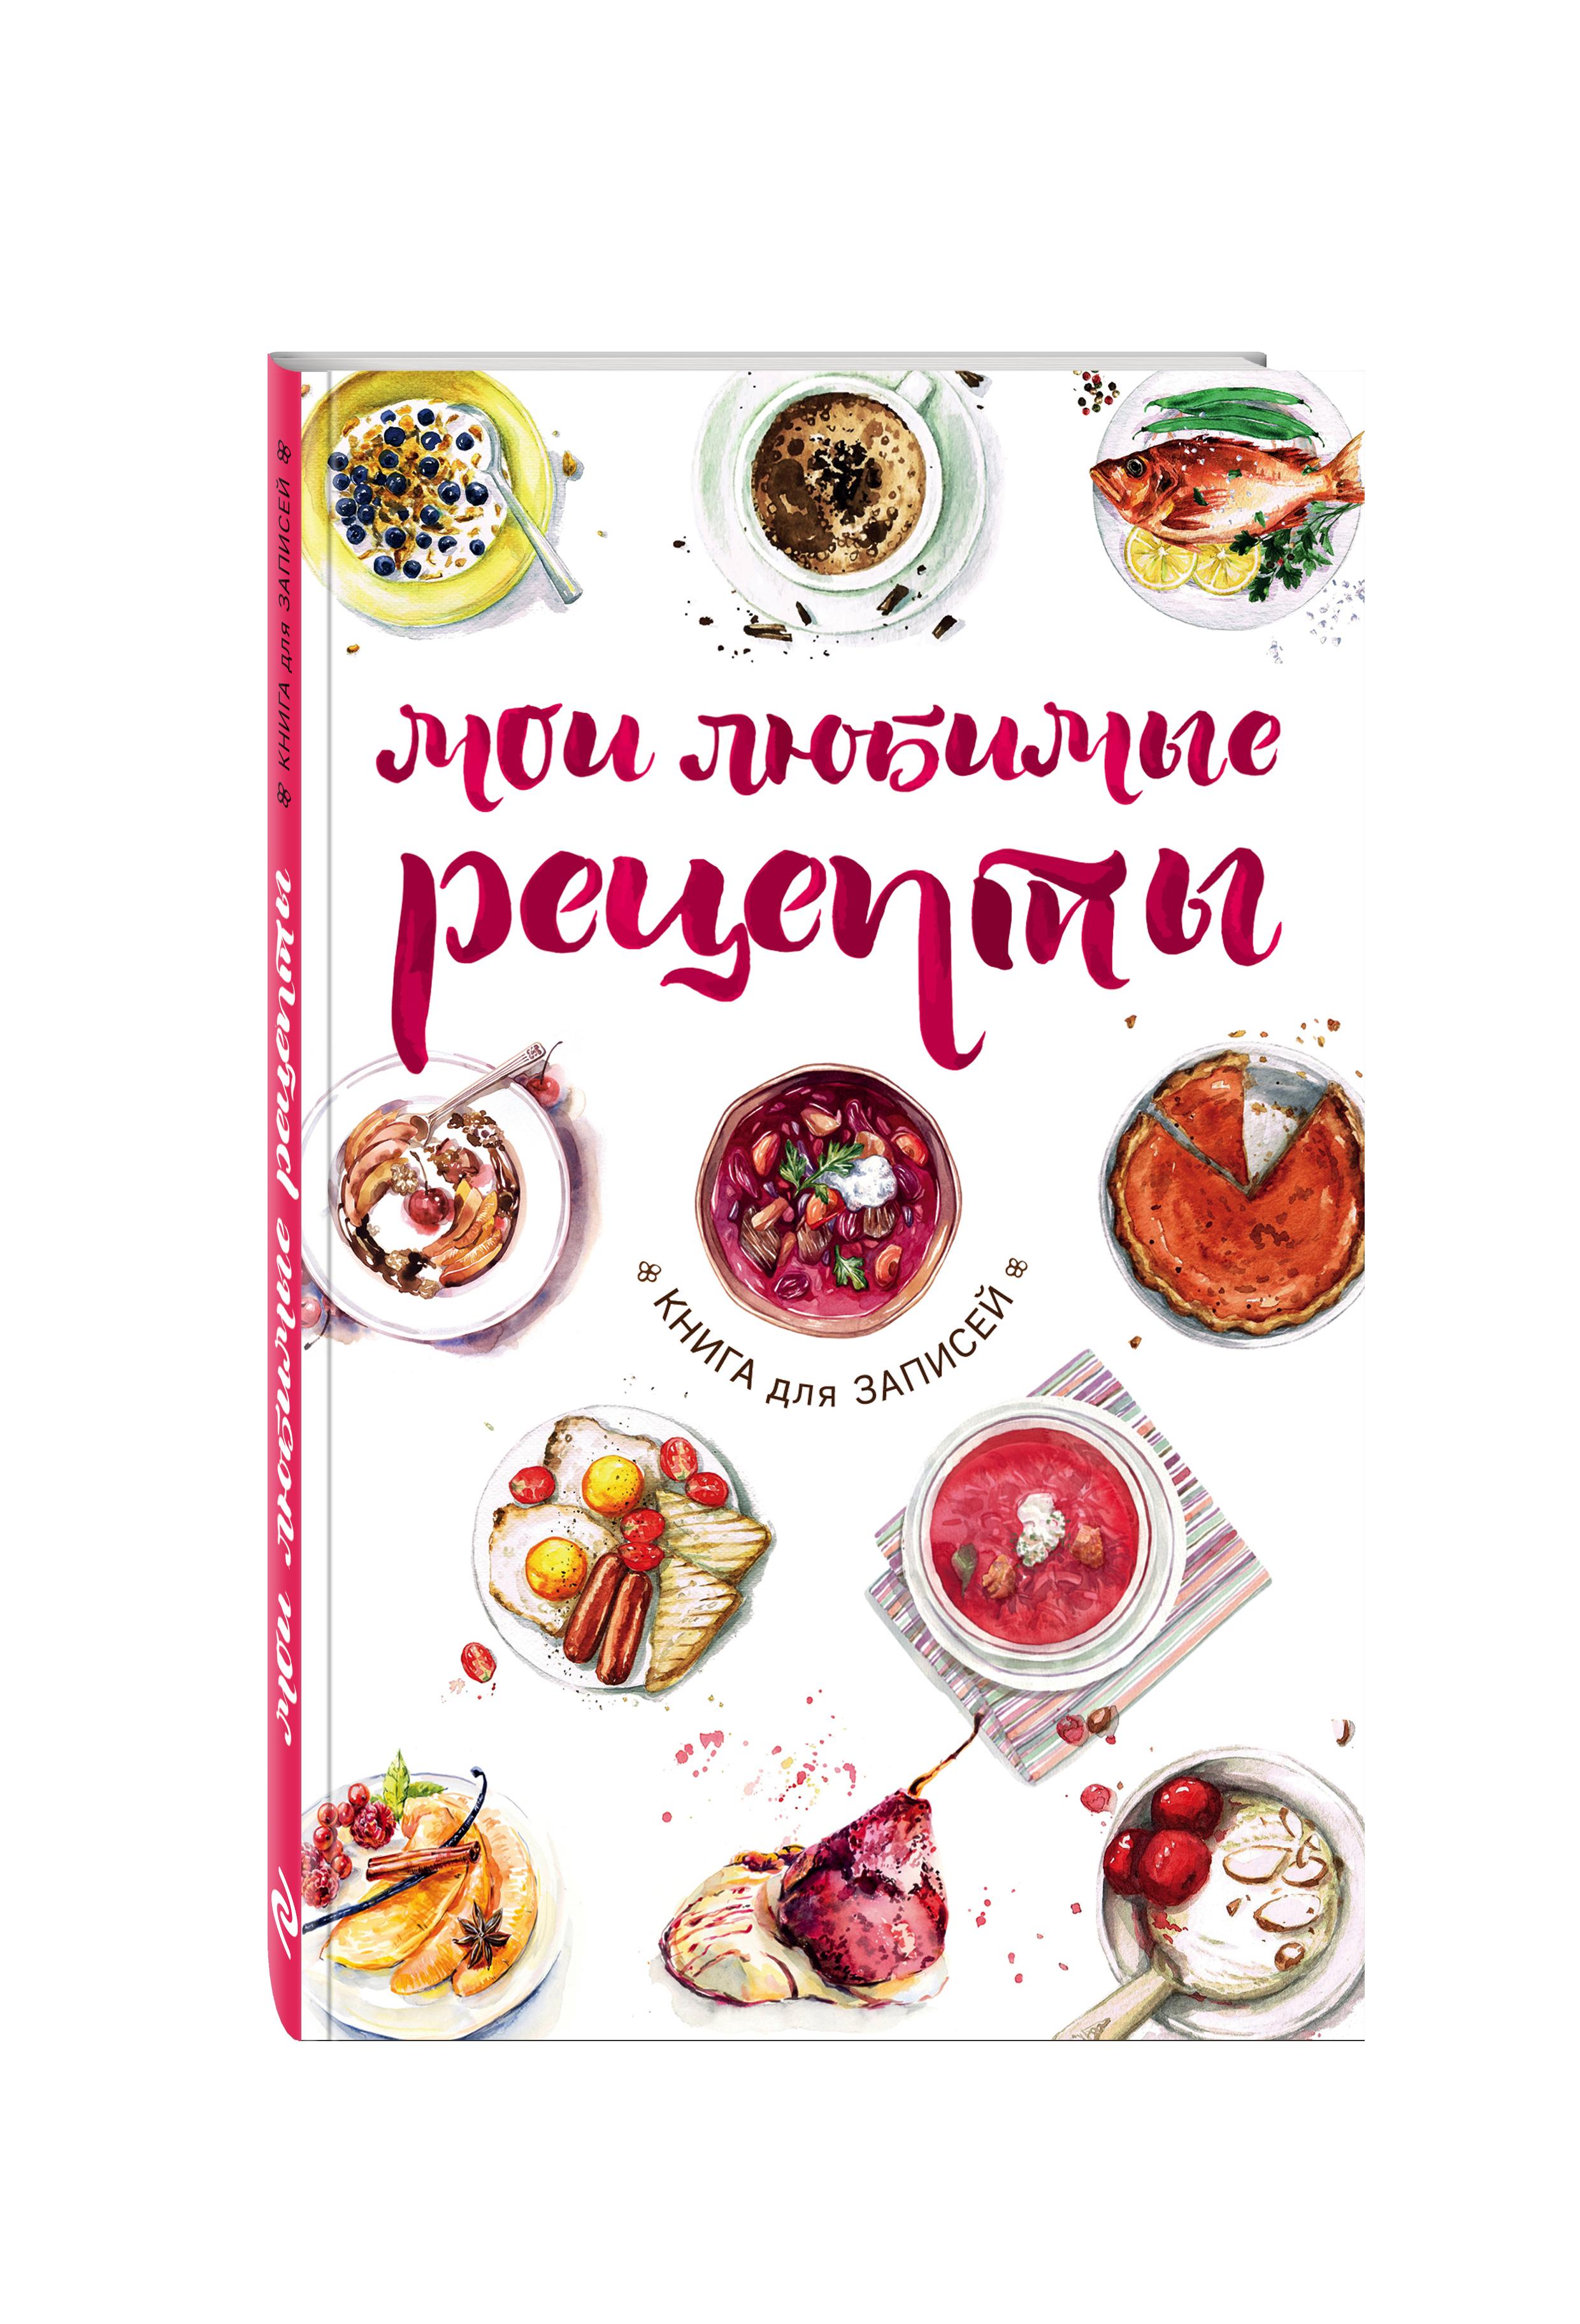 Мои любимые рецепты. Книга для записей вкусные истории книга для записи рецептов